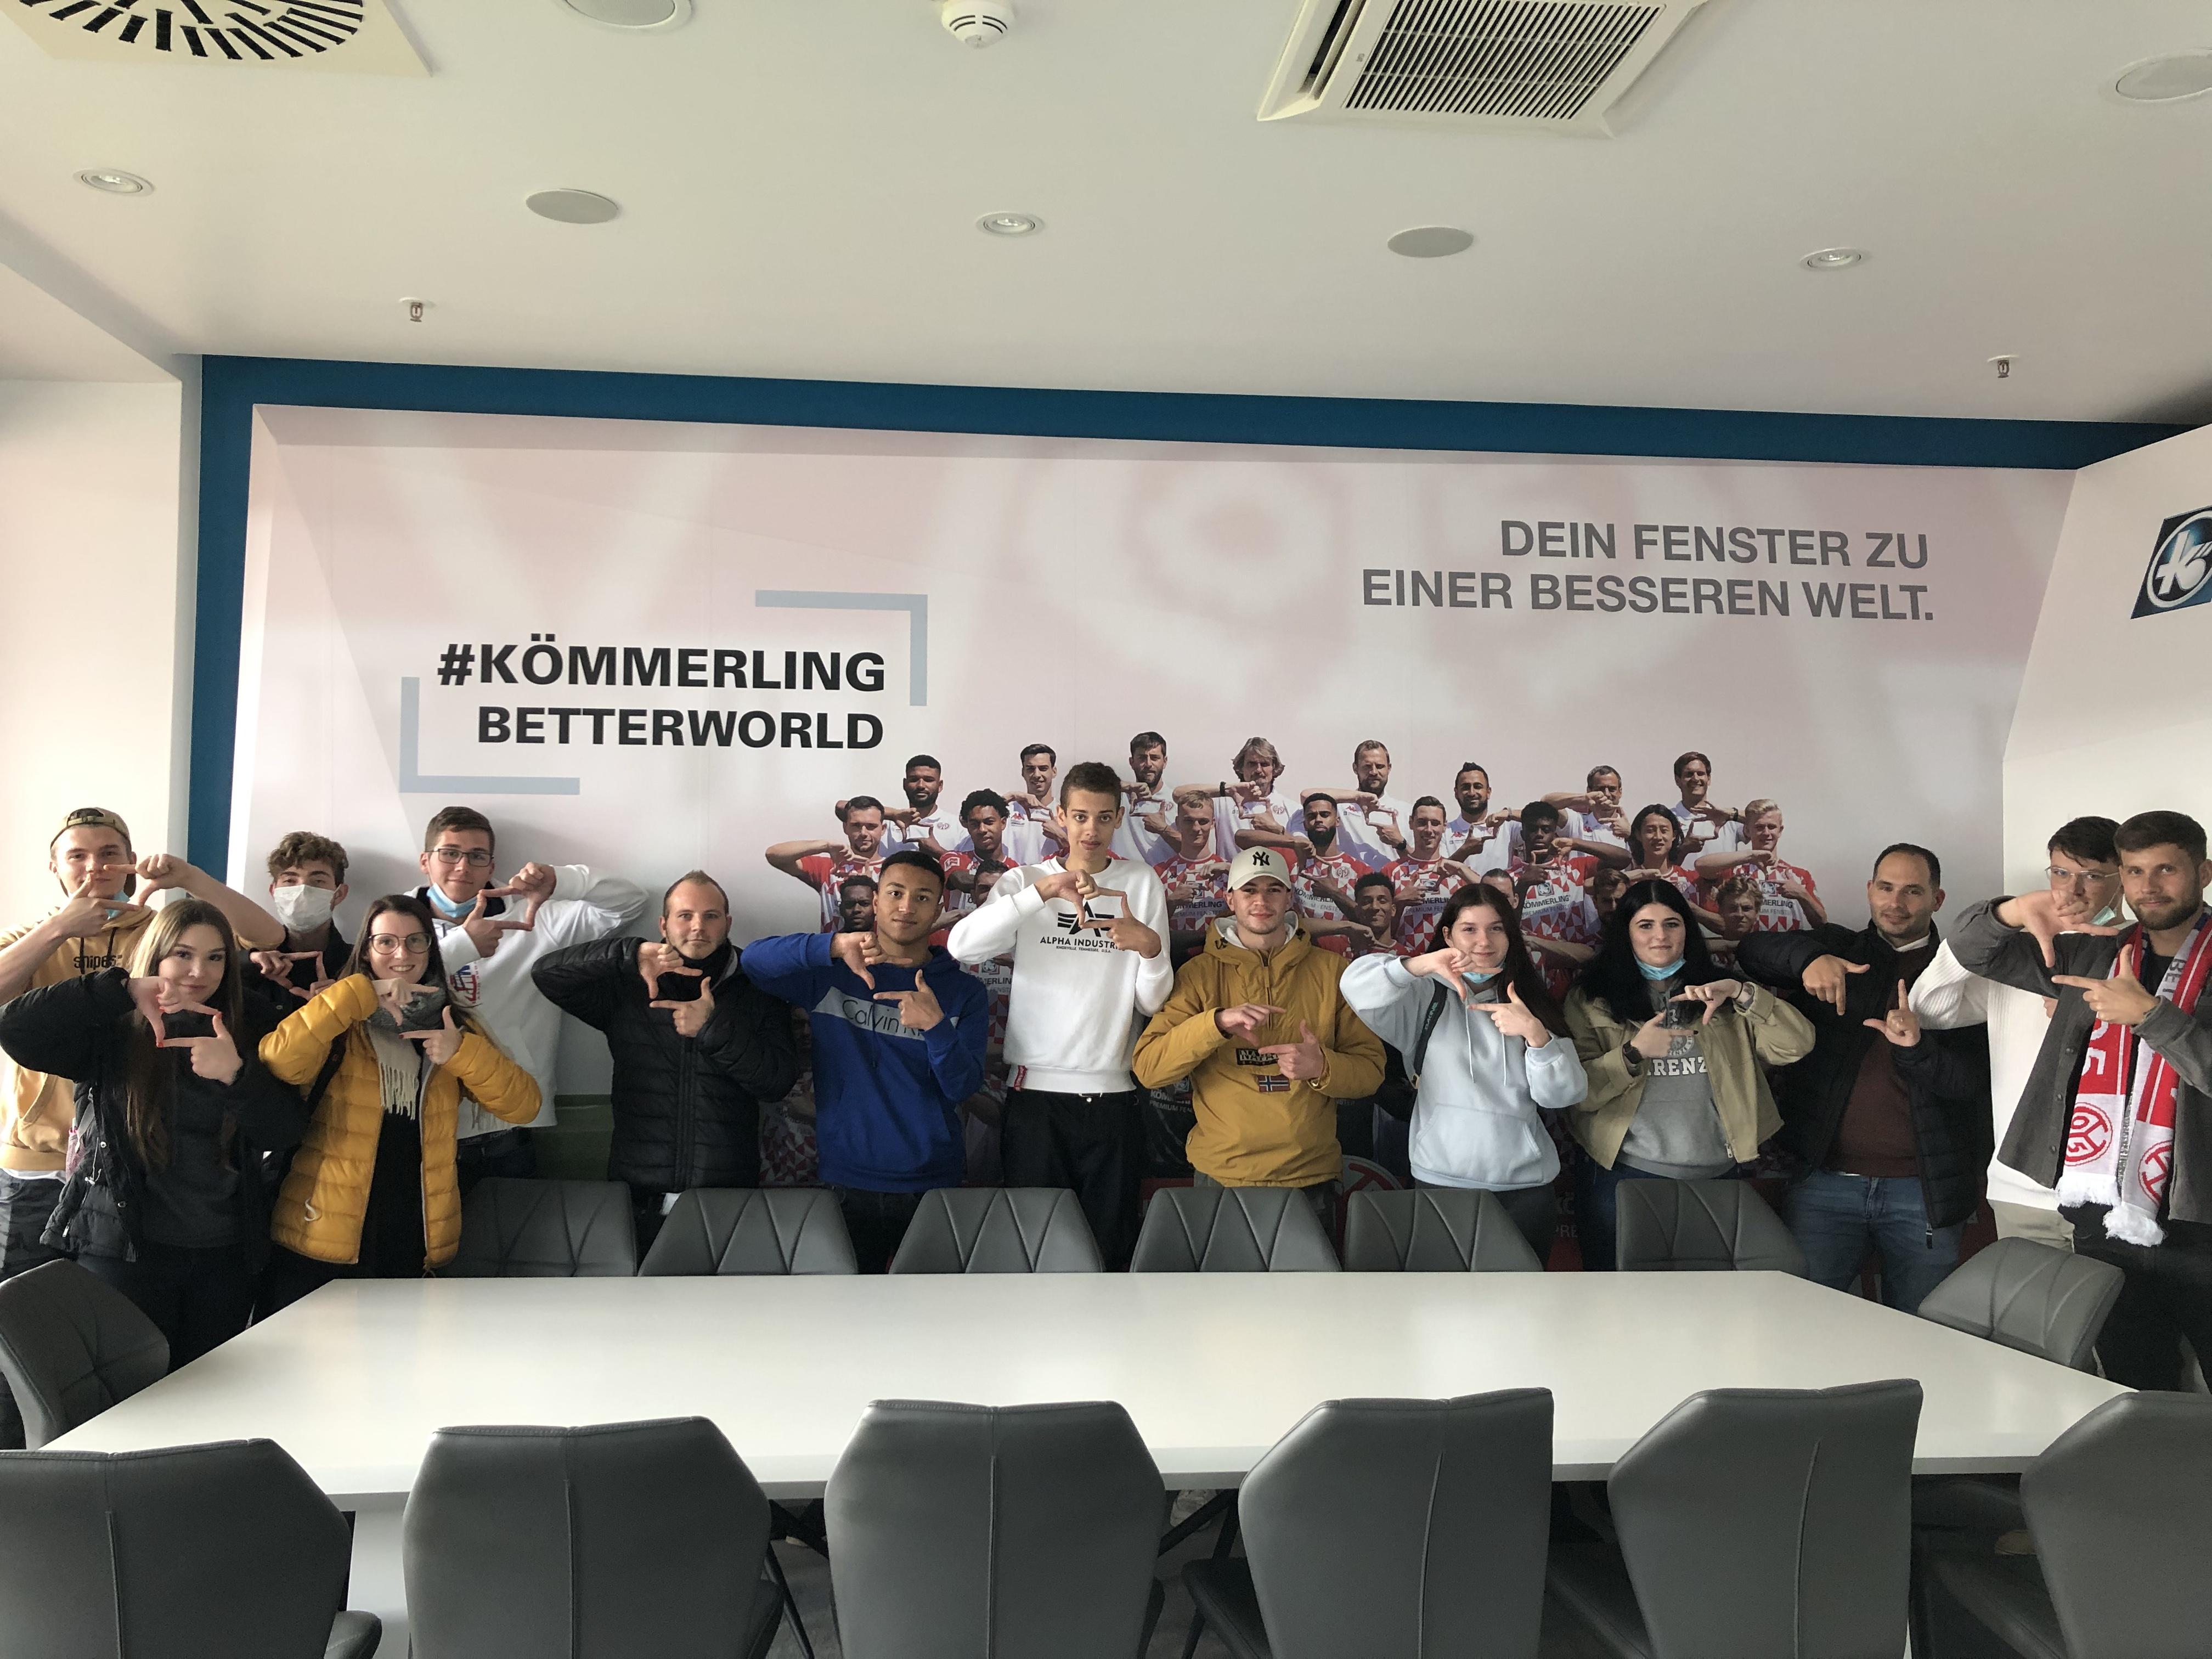 Unsere KÖMMERLING-Lounge im Mainzer Stadion.